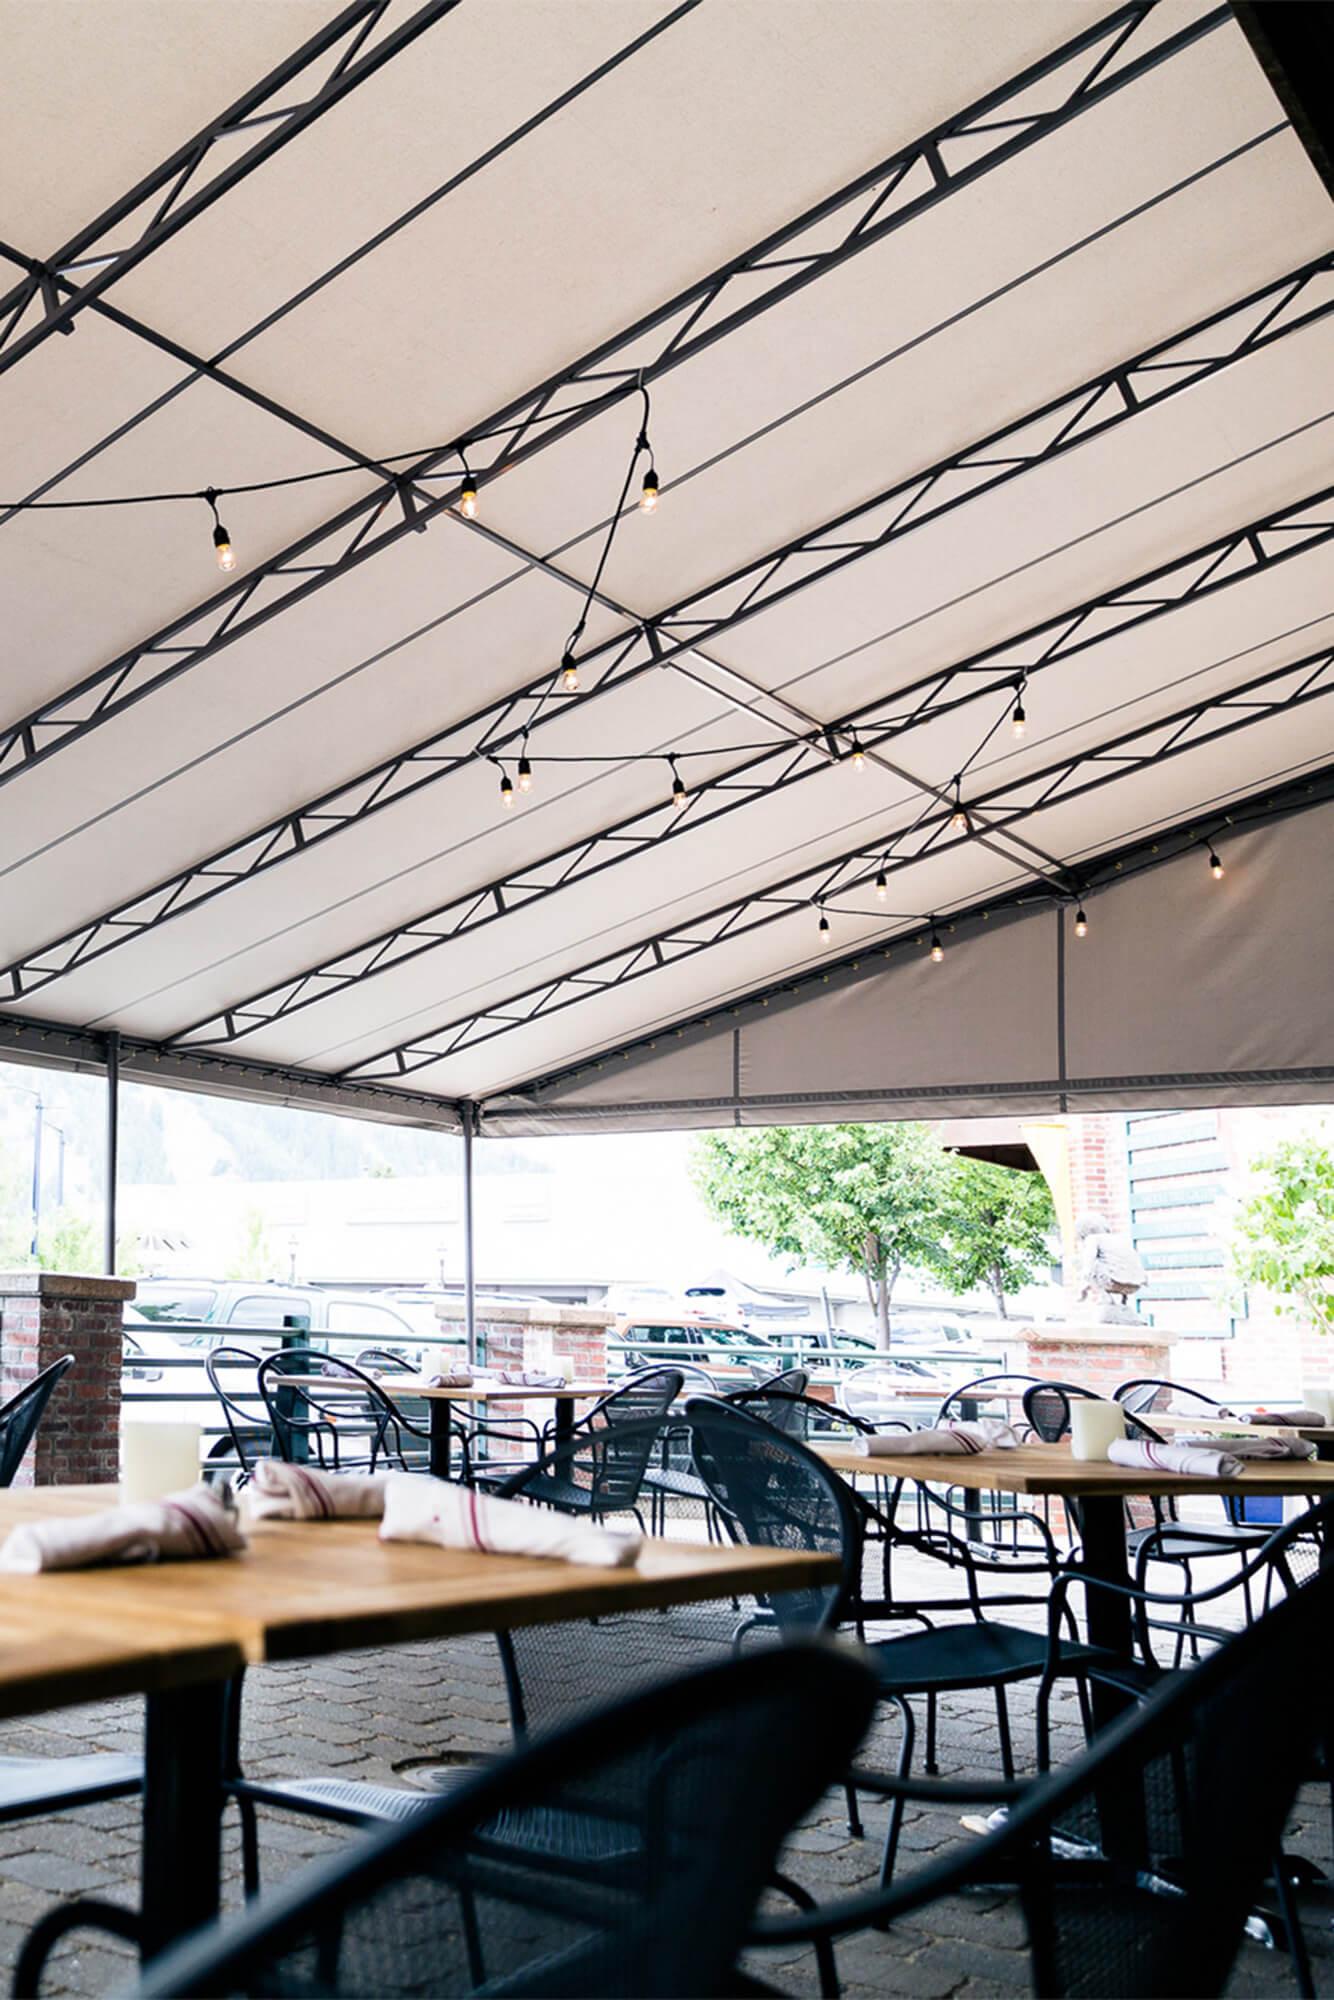 饭店露台上的褐色 Sunbrella 固定框架遮阳篷